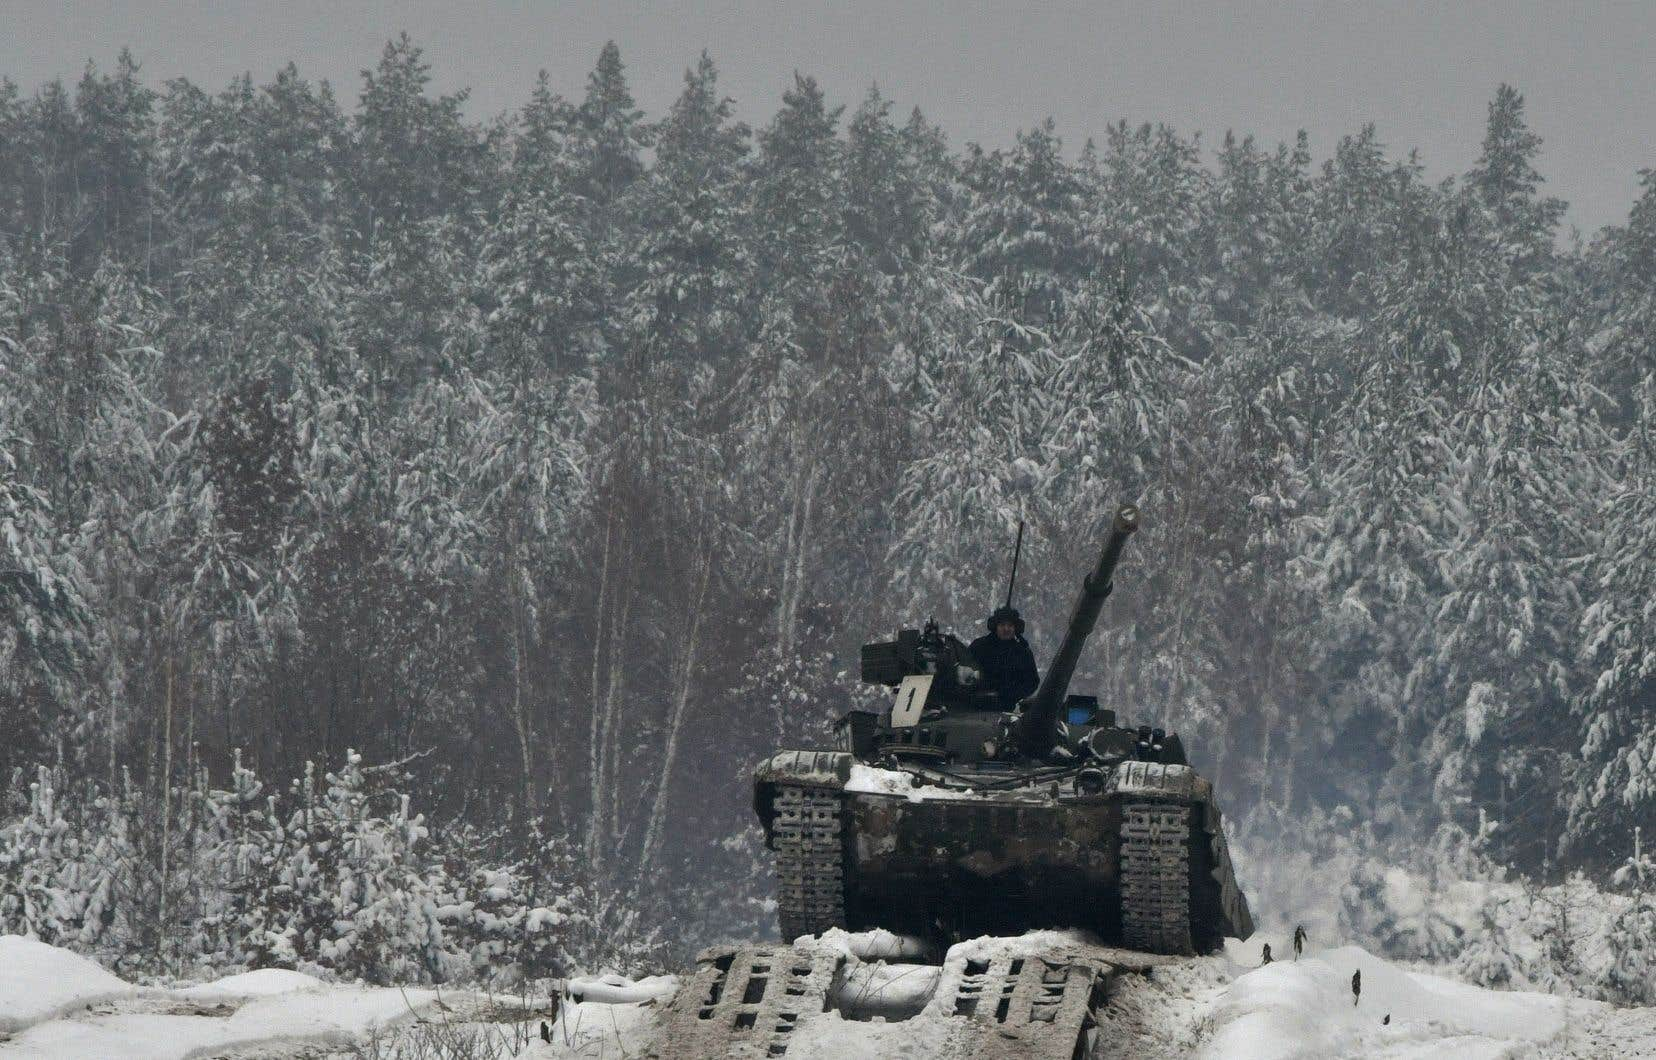 Après la confrontation maritime du 25 novembre dernier, le président ukrainien avait évoqué la menace d'une «guerre totale» avec la Russie.